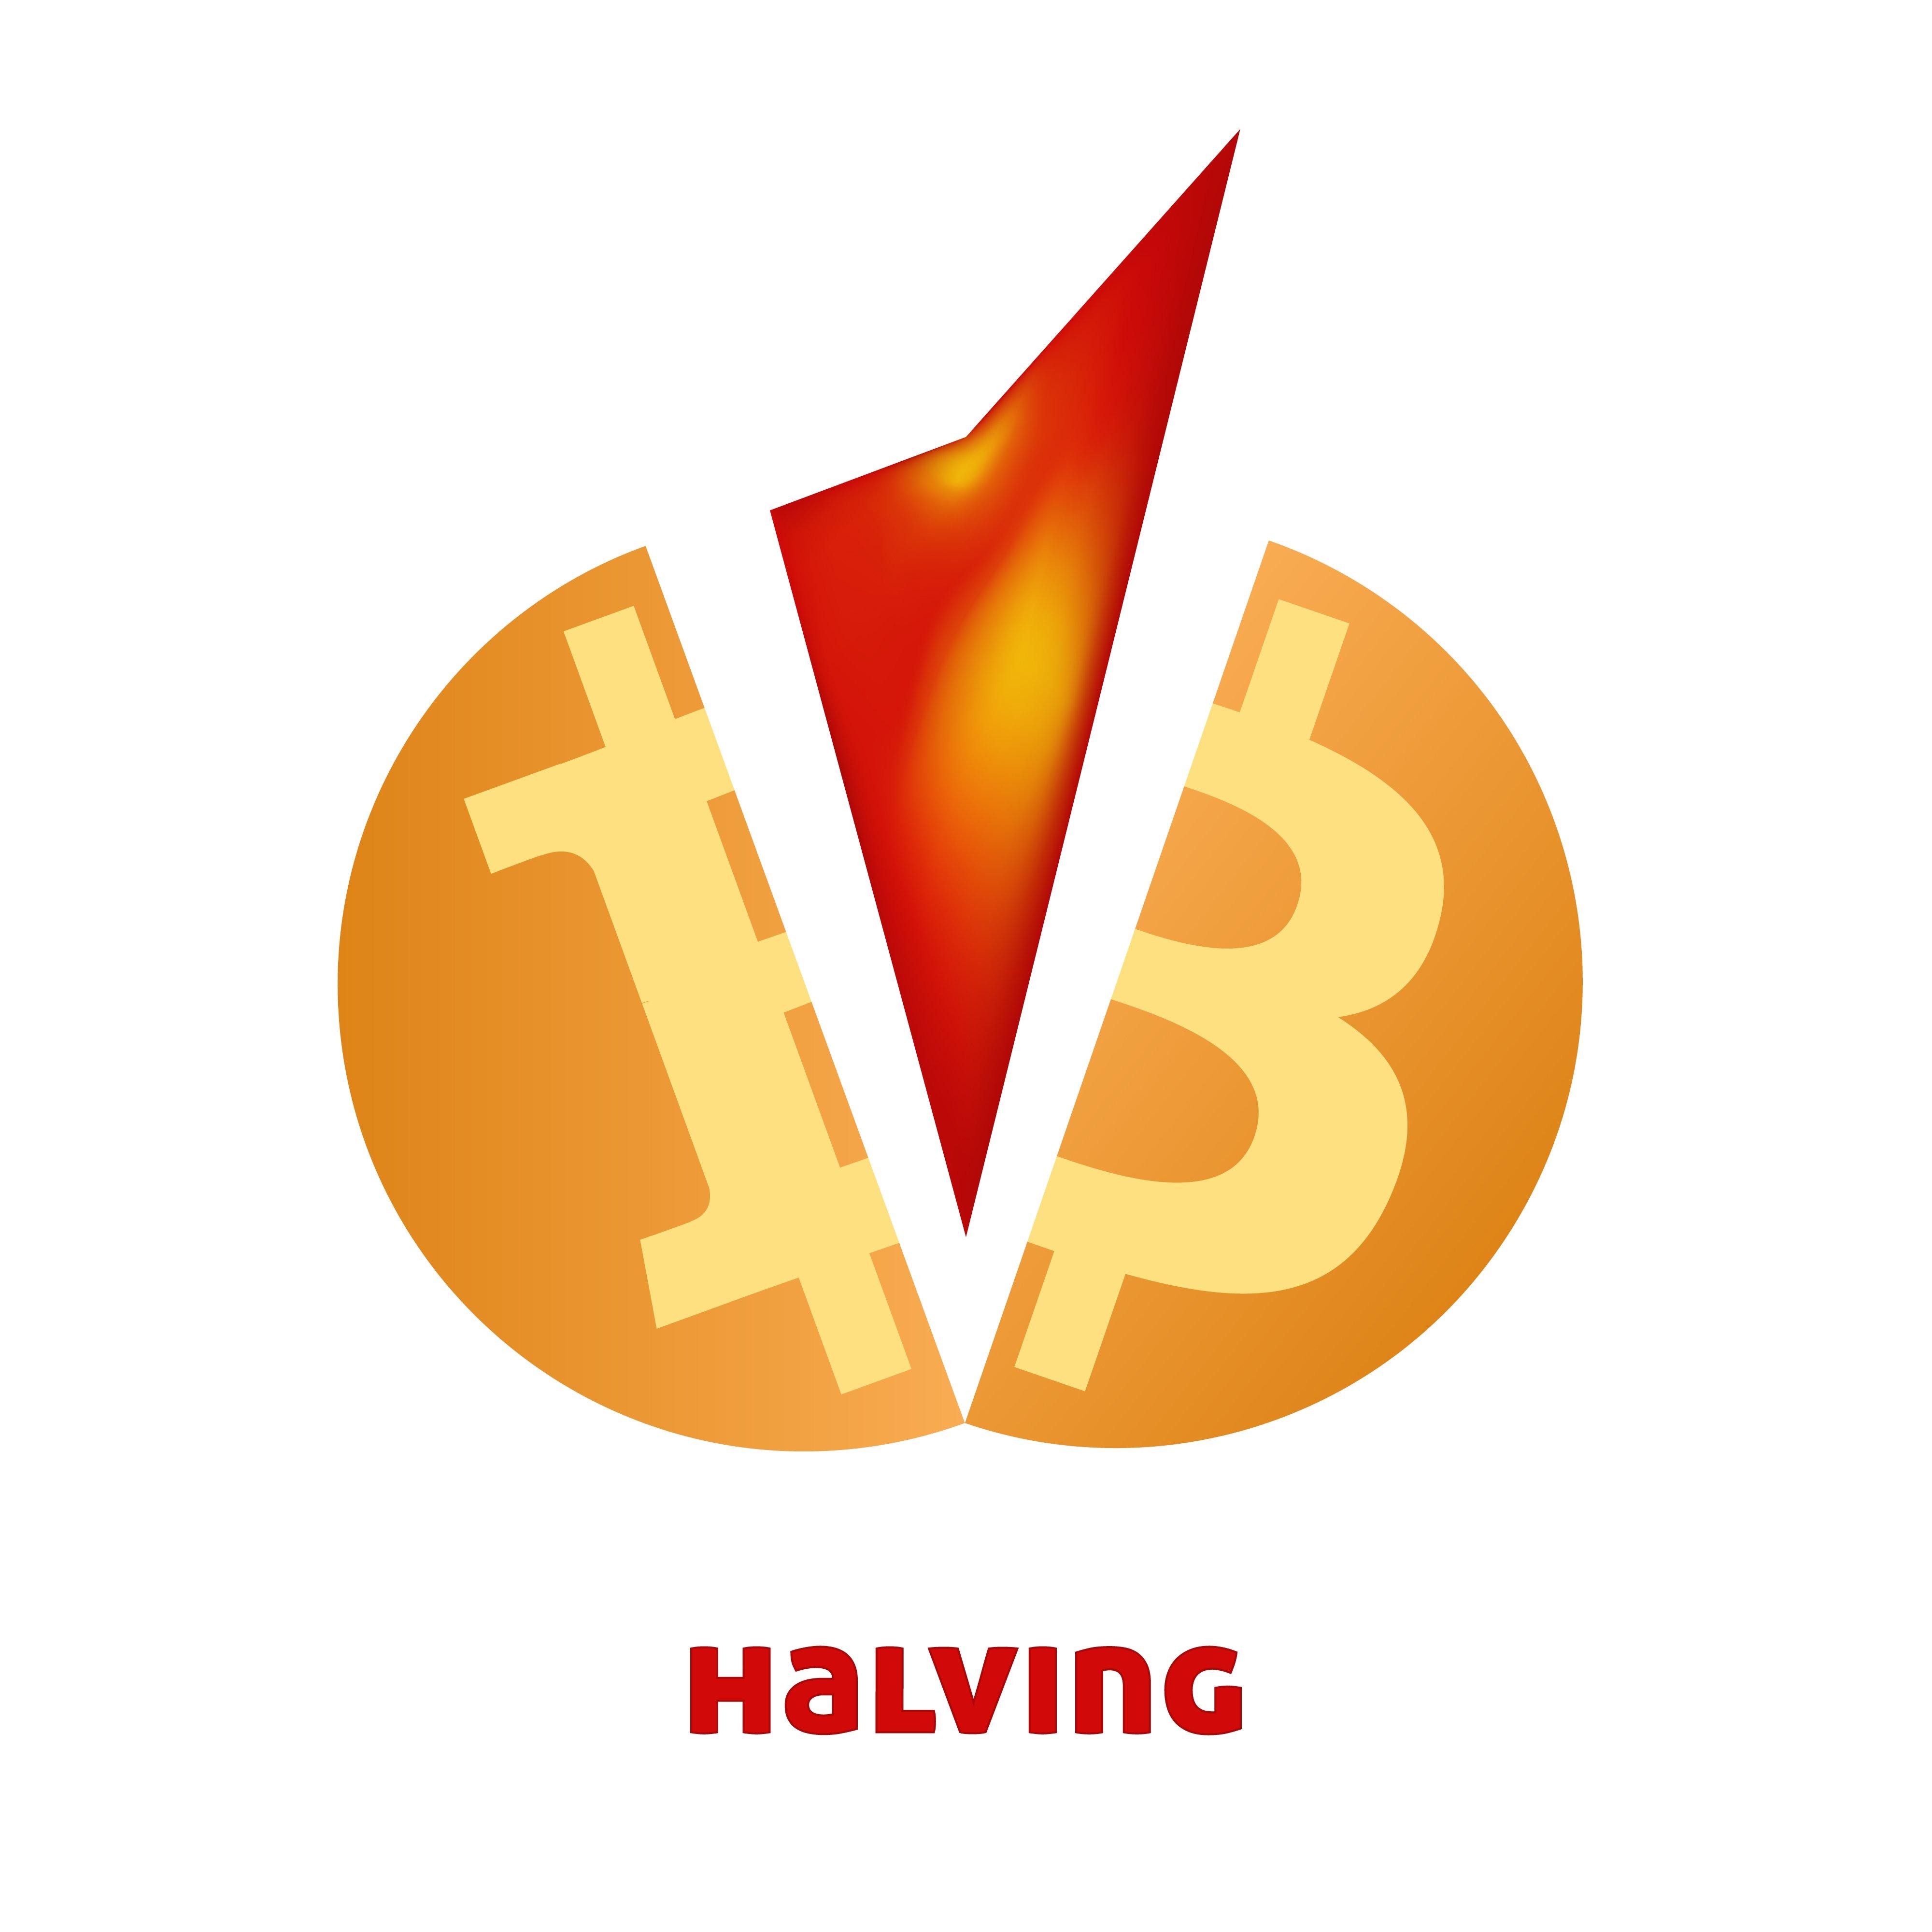 بنابراین روشی برای محدود کردن ماینر ها ایجاد شد که HALVING نام دارد.فرهاد اکسچنج و عوامل بنیادی موثر